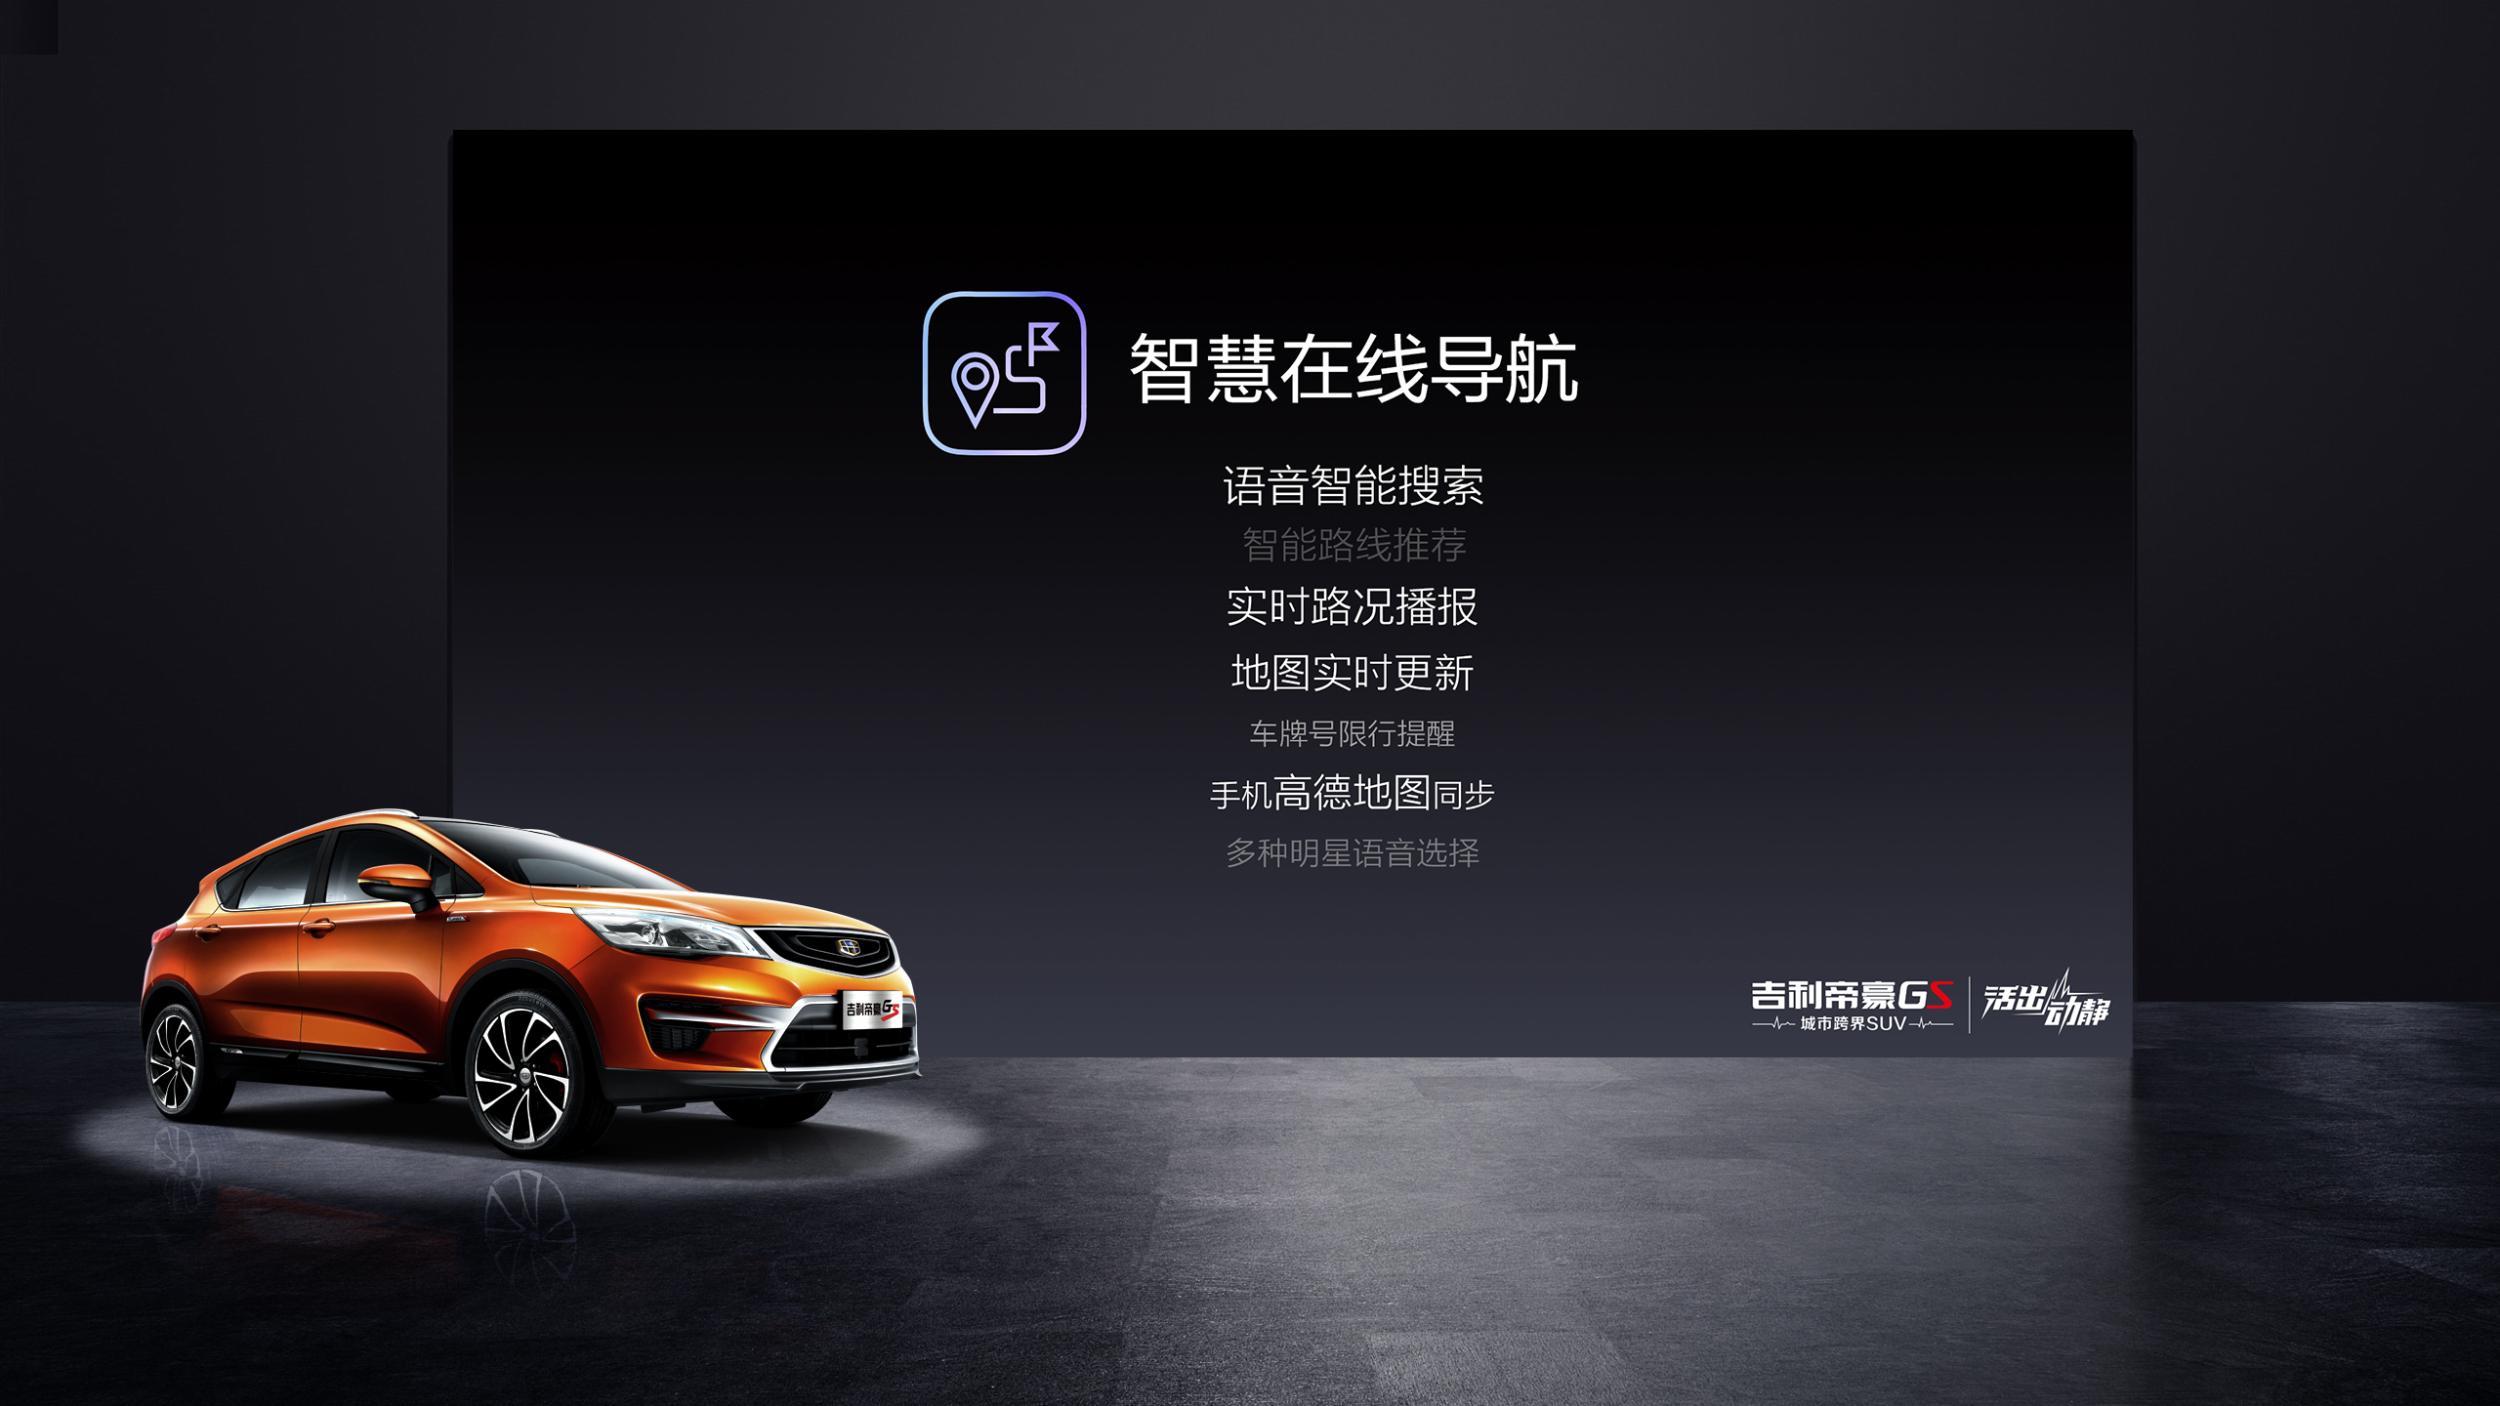 吉利帝豪GS增推智联型 售价10.88/11.18万元